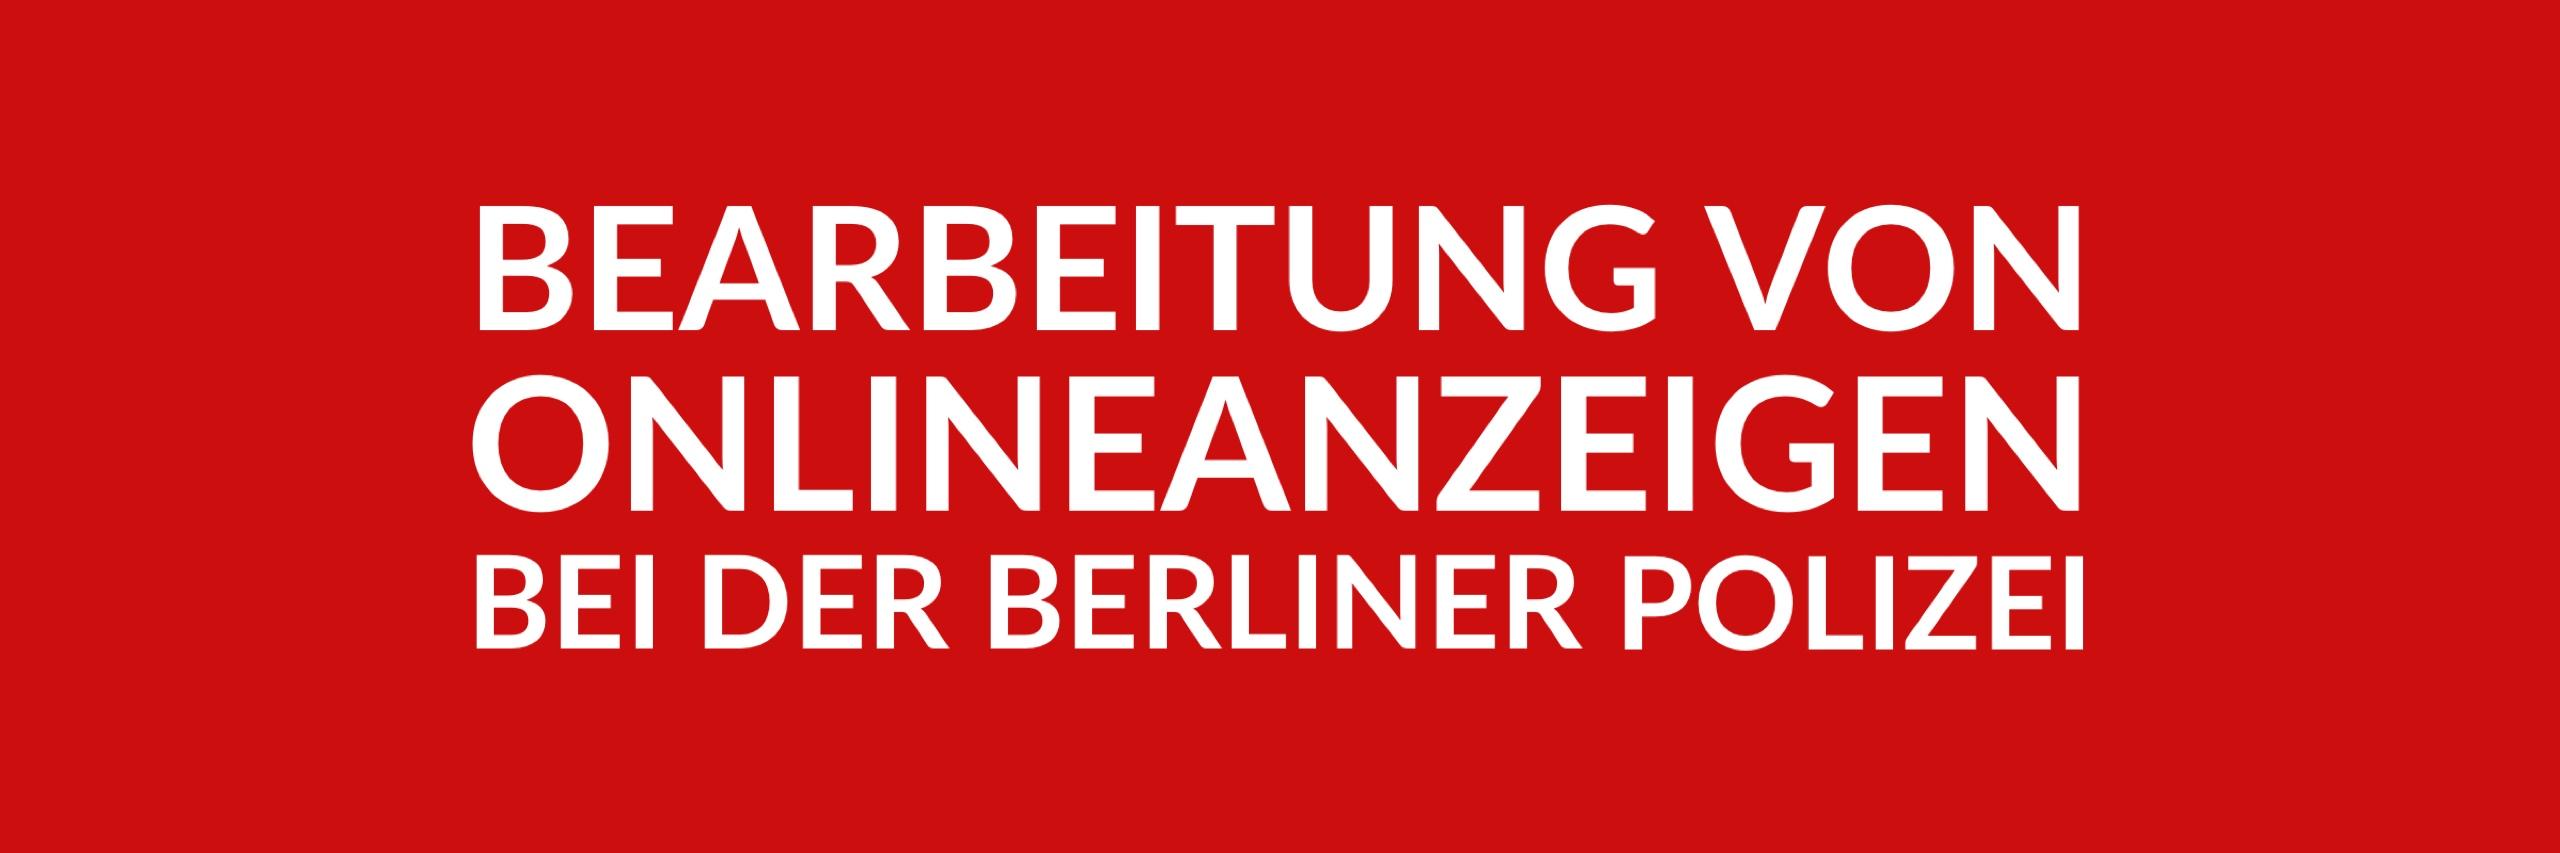 Anfrage 'Bearbeitung von Onlineanzeigen bei der Berliner Polizei' (PDF)